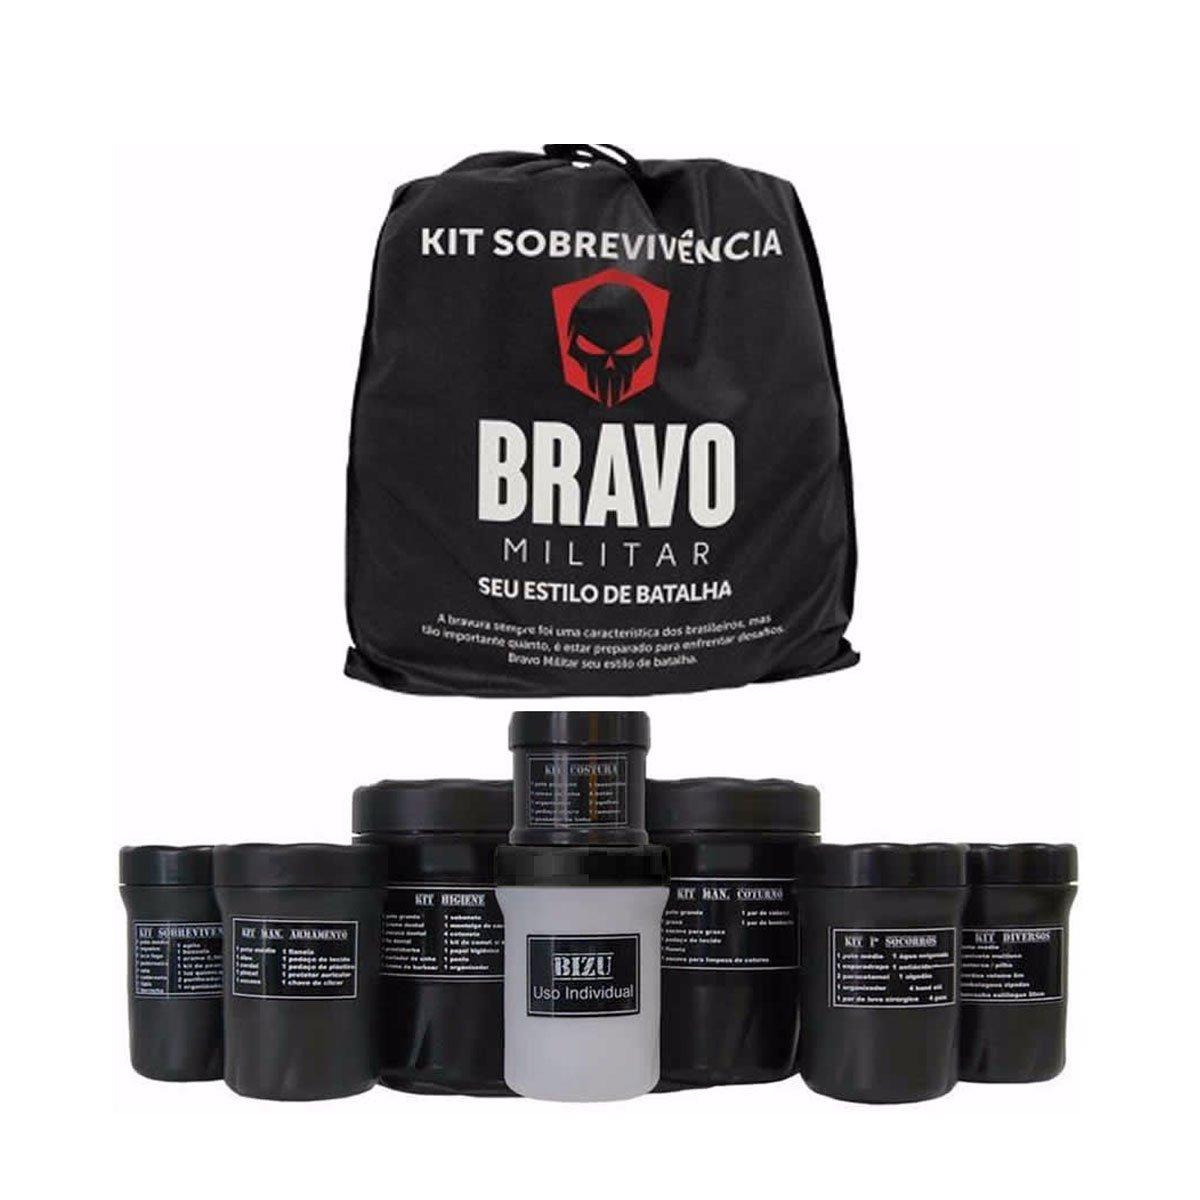 Kit Sobrevivencia Bravo Militar